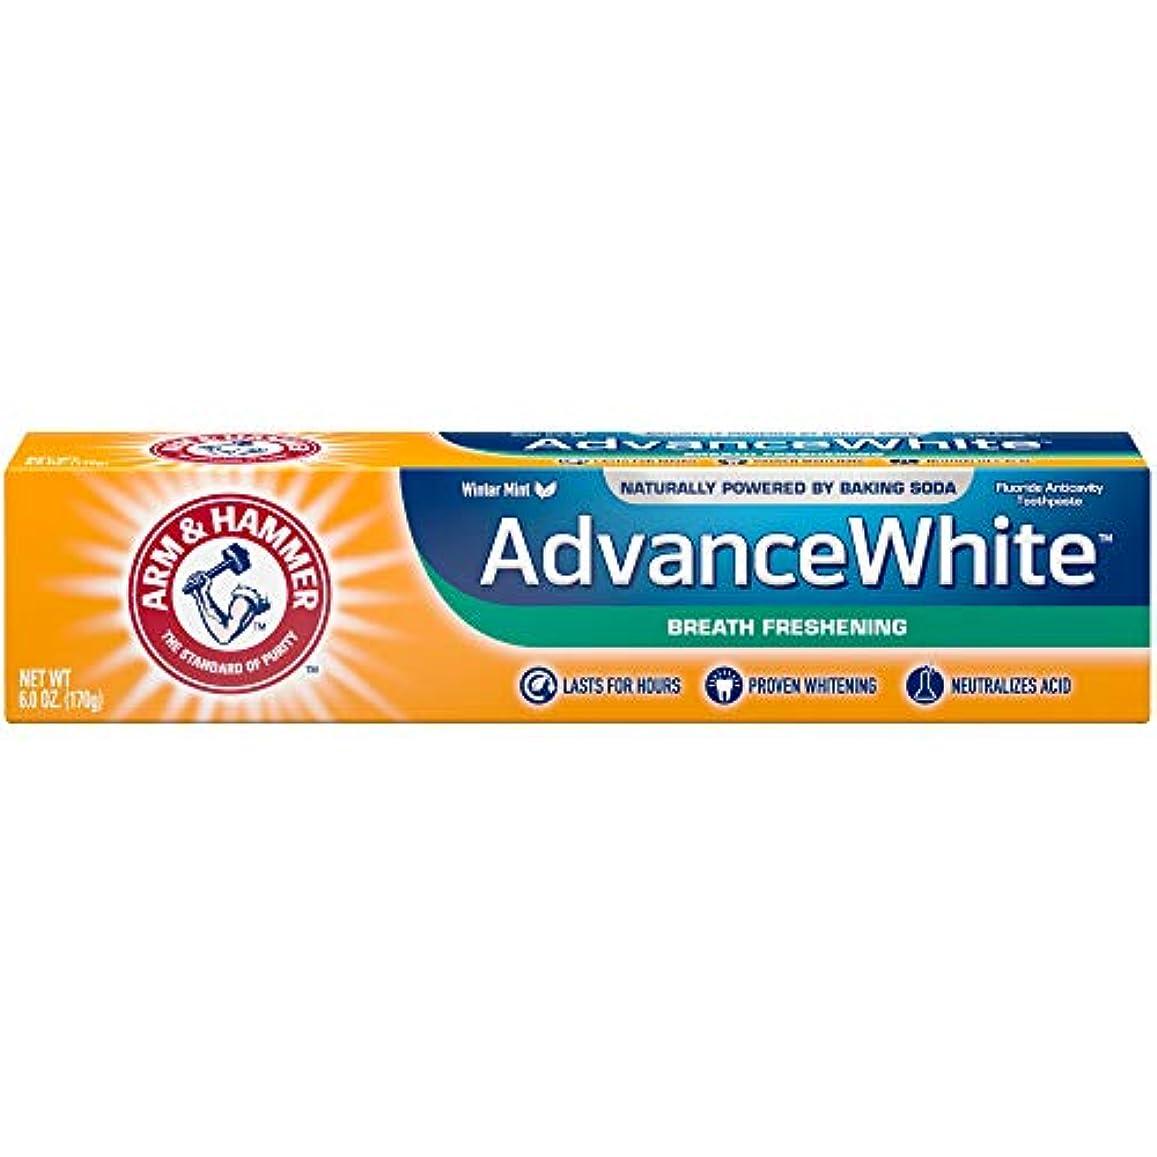 曇ったレイアフォルダアーム&ハマー アドバンス ホワイト 歯磨き粉 ブレス フレッシュニング 170g Advance White Breath Freshing Baking Soda & Frosted Mint